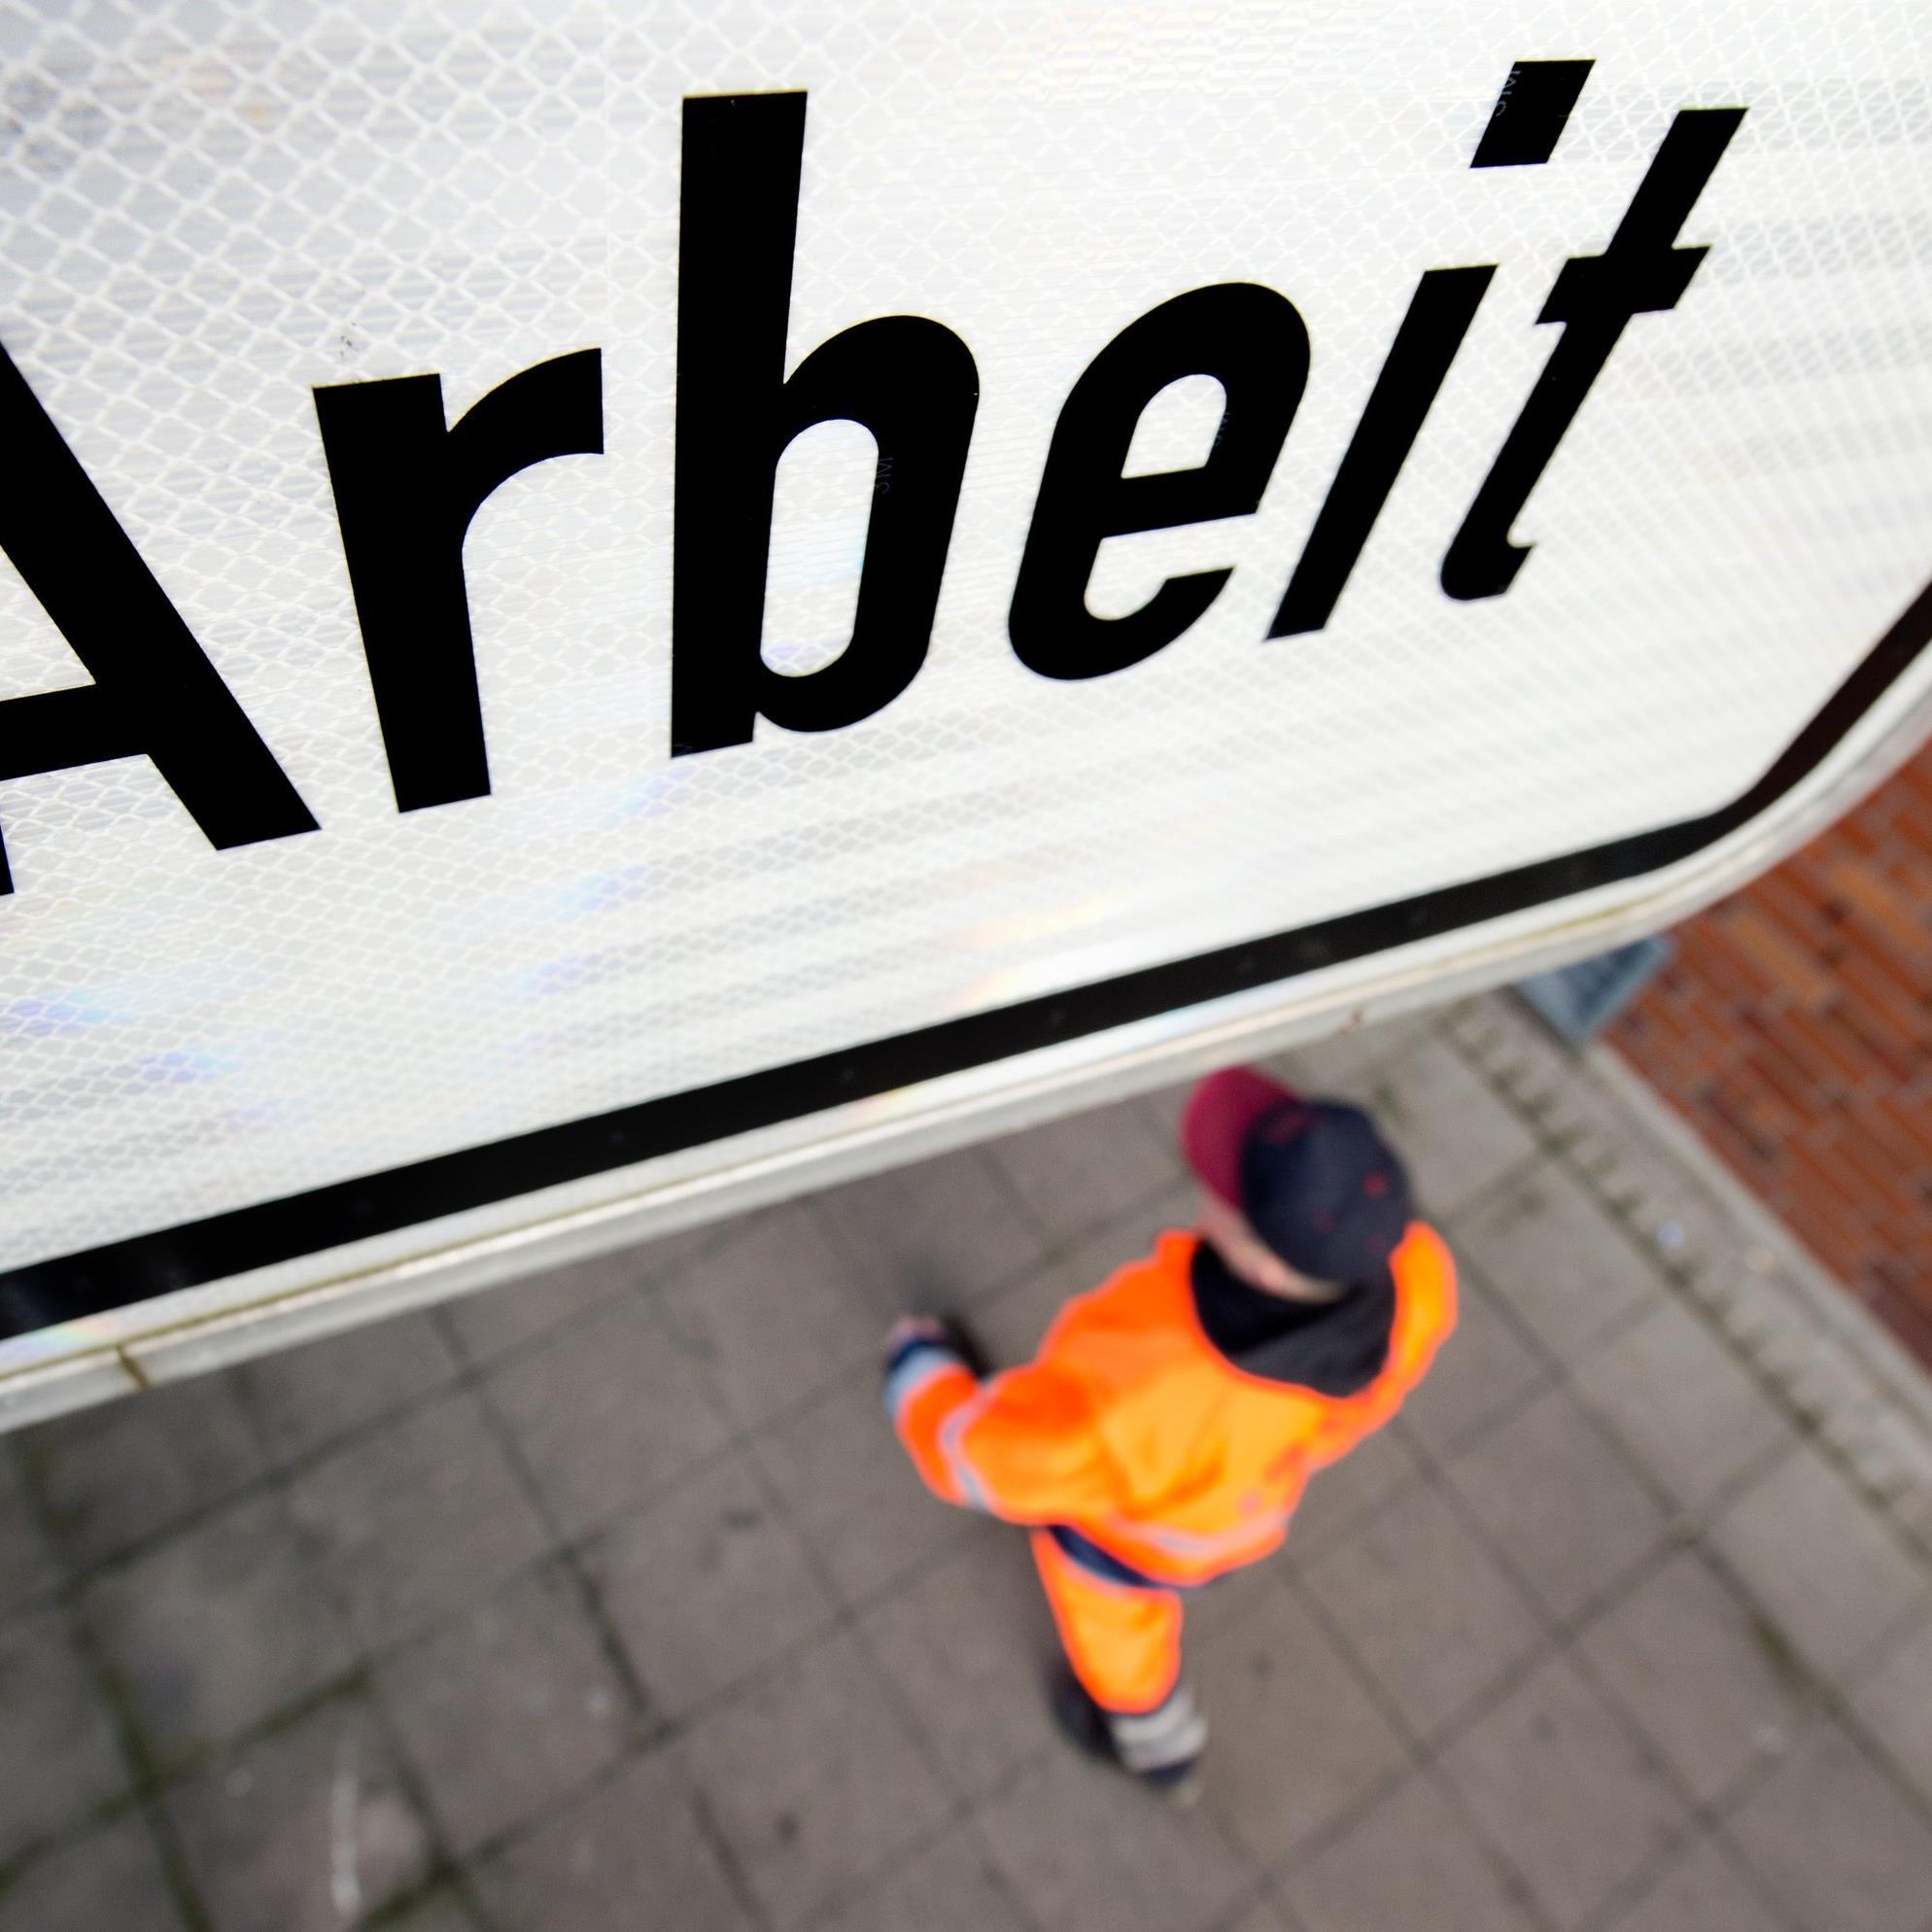 Arbeitslosenrate: Österreich droht auf Platz acht in EU abzusinken.